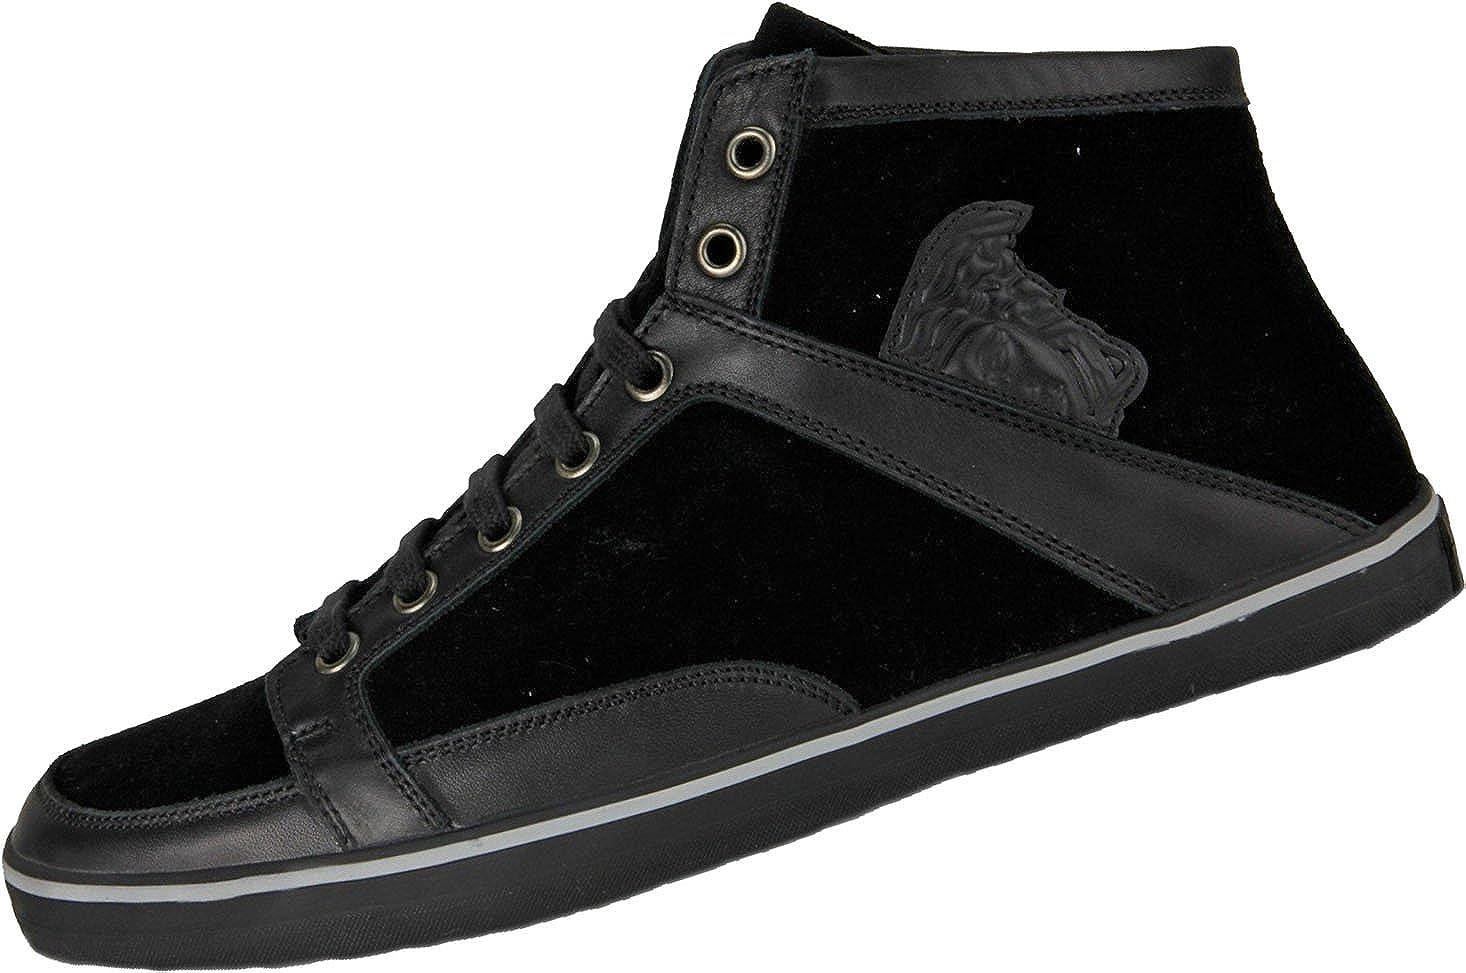 426fe246 Versace Black High Top Trainers (Size EU 44 / UK 10): Amazon.co.uk ...